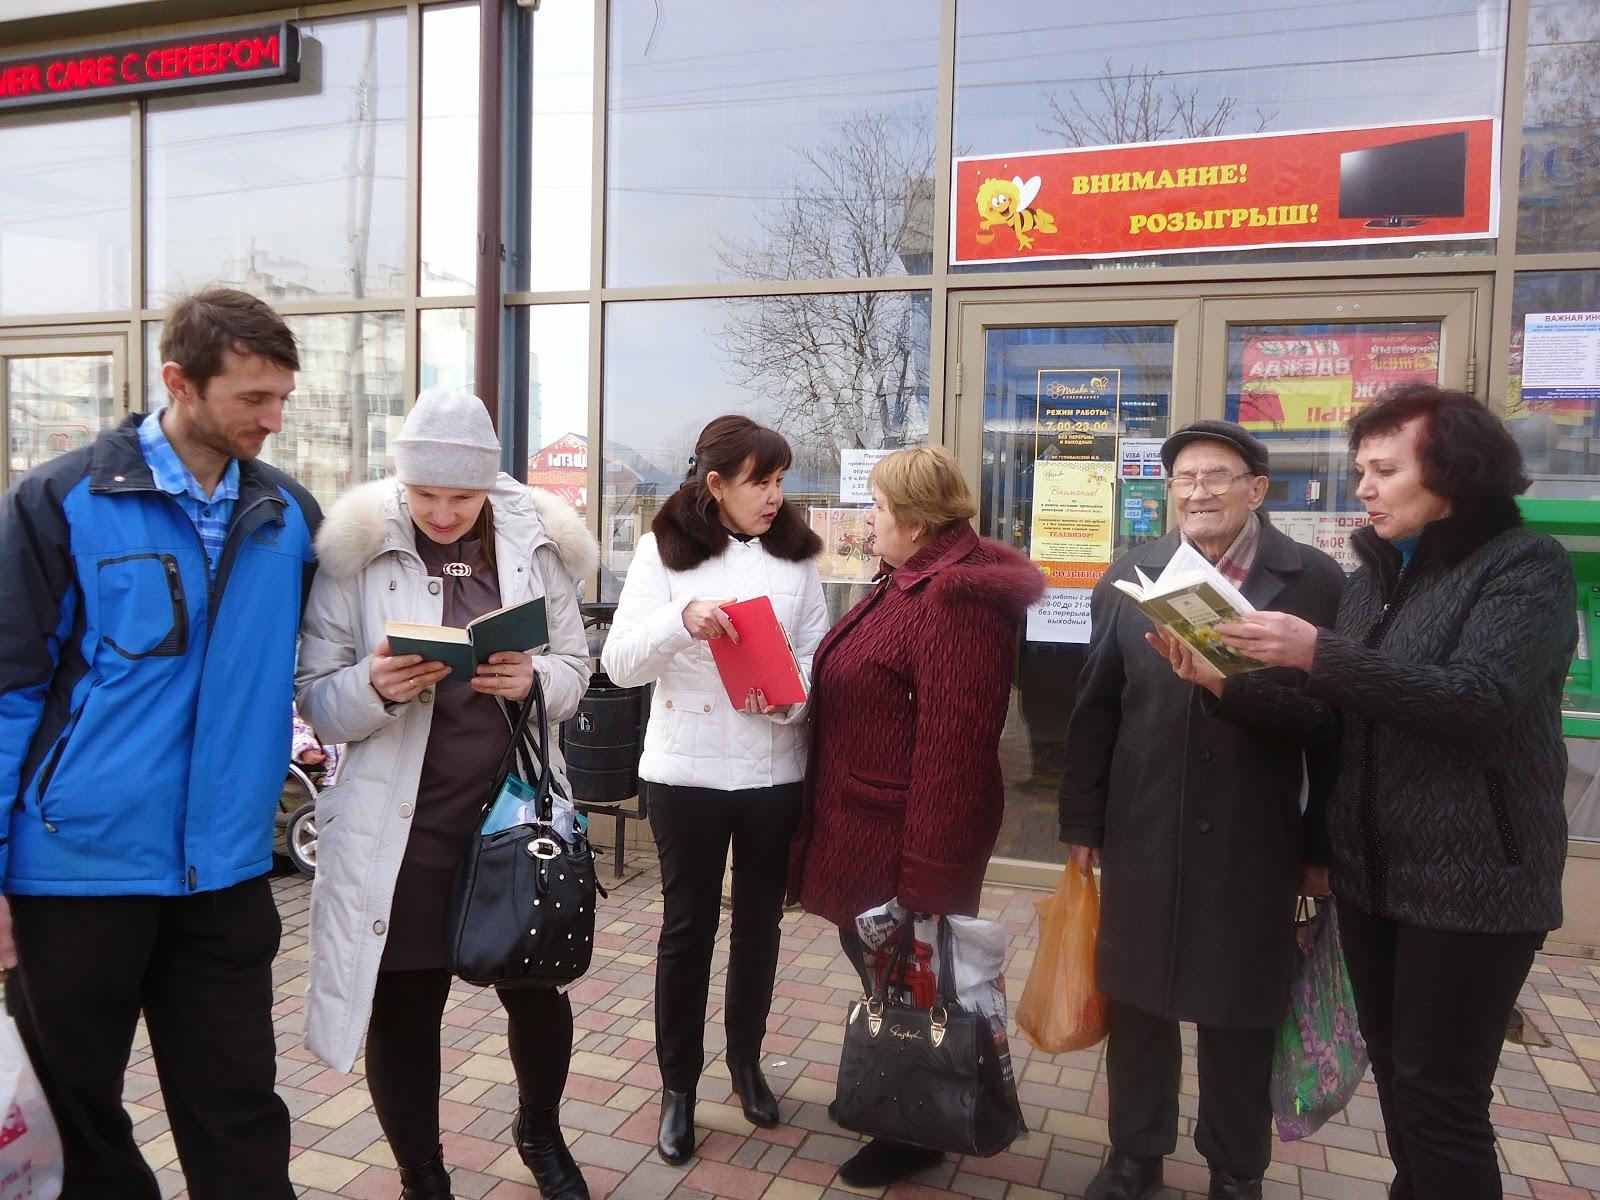 Русские студенты отмечают день рождения ч 2 26 фотография